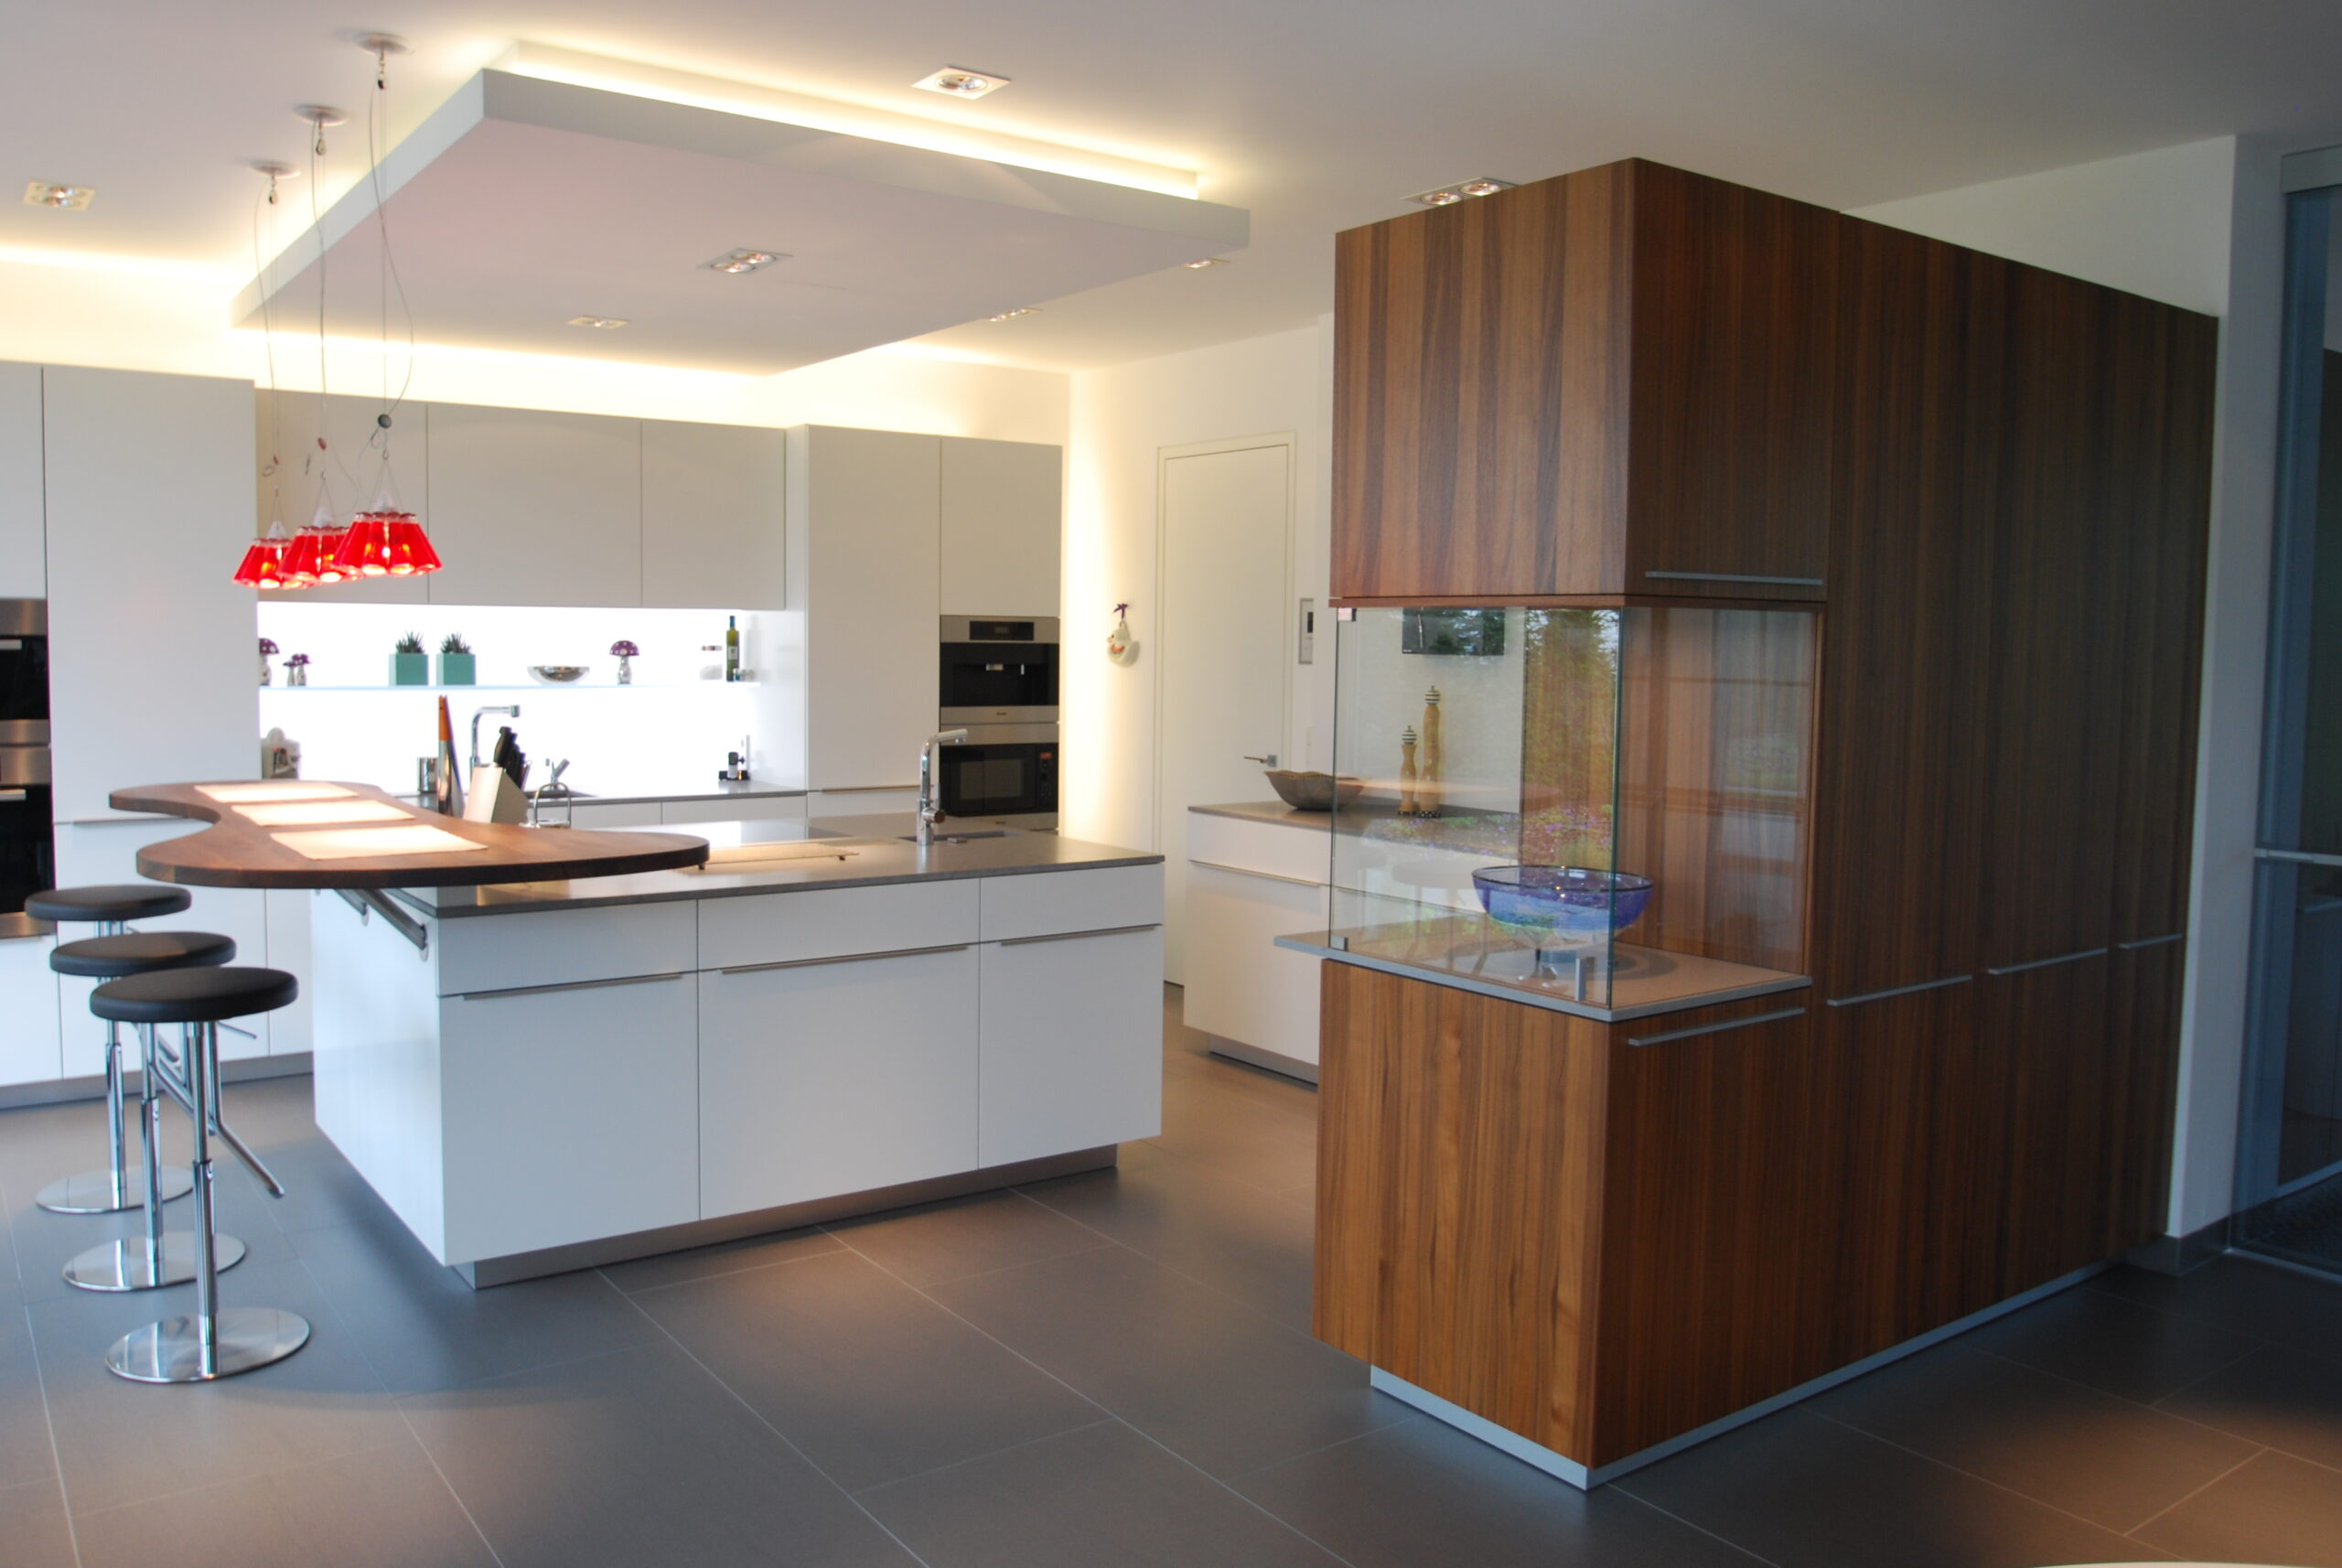 Full Size of Hängeregal Kücheninsel Traumkche Tischlerei Backmann Mnster Küche Wohnzimmer Hängeregal Kücheninsel